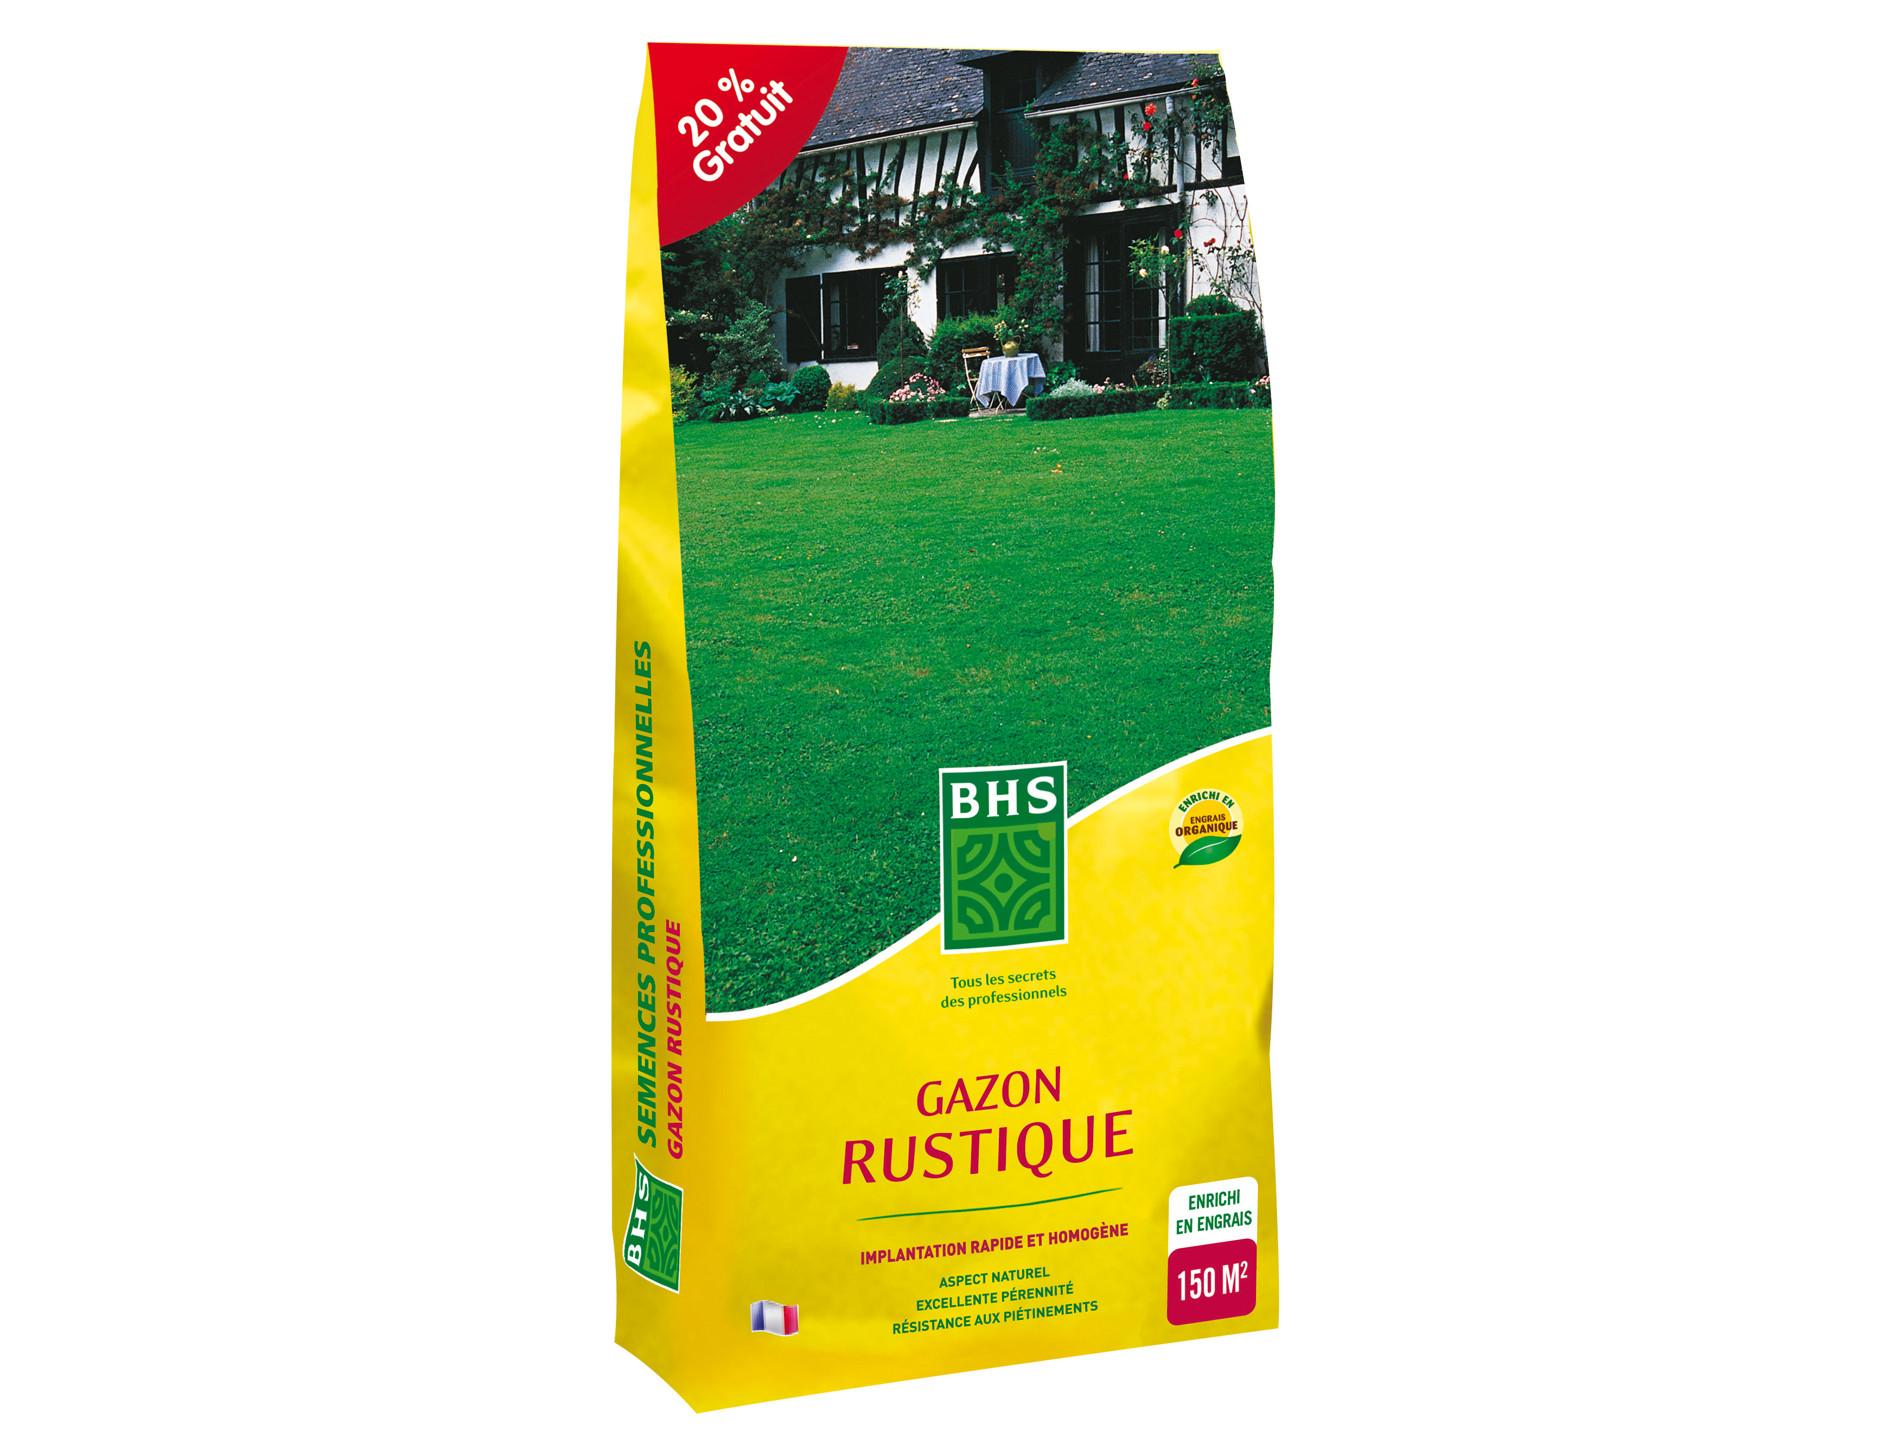 Gazon rustique BHS 4kg + 1kg gratuit